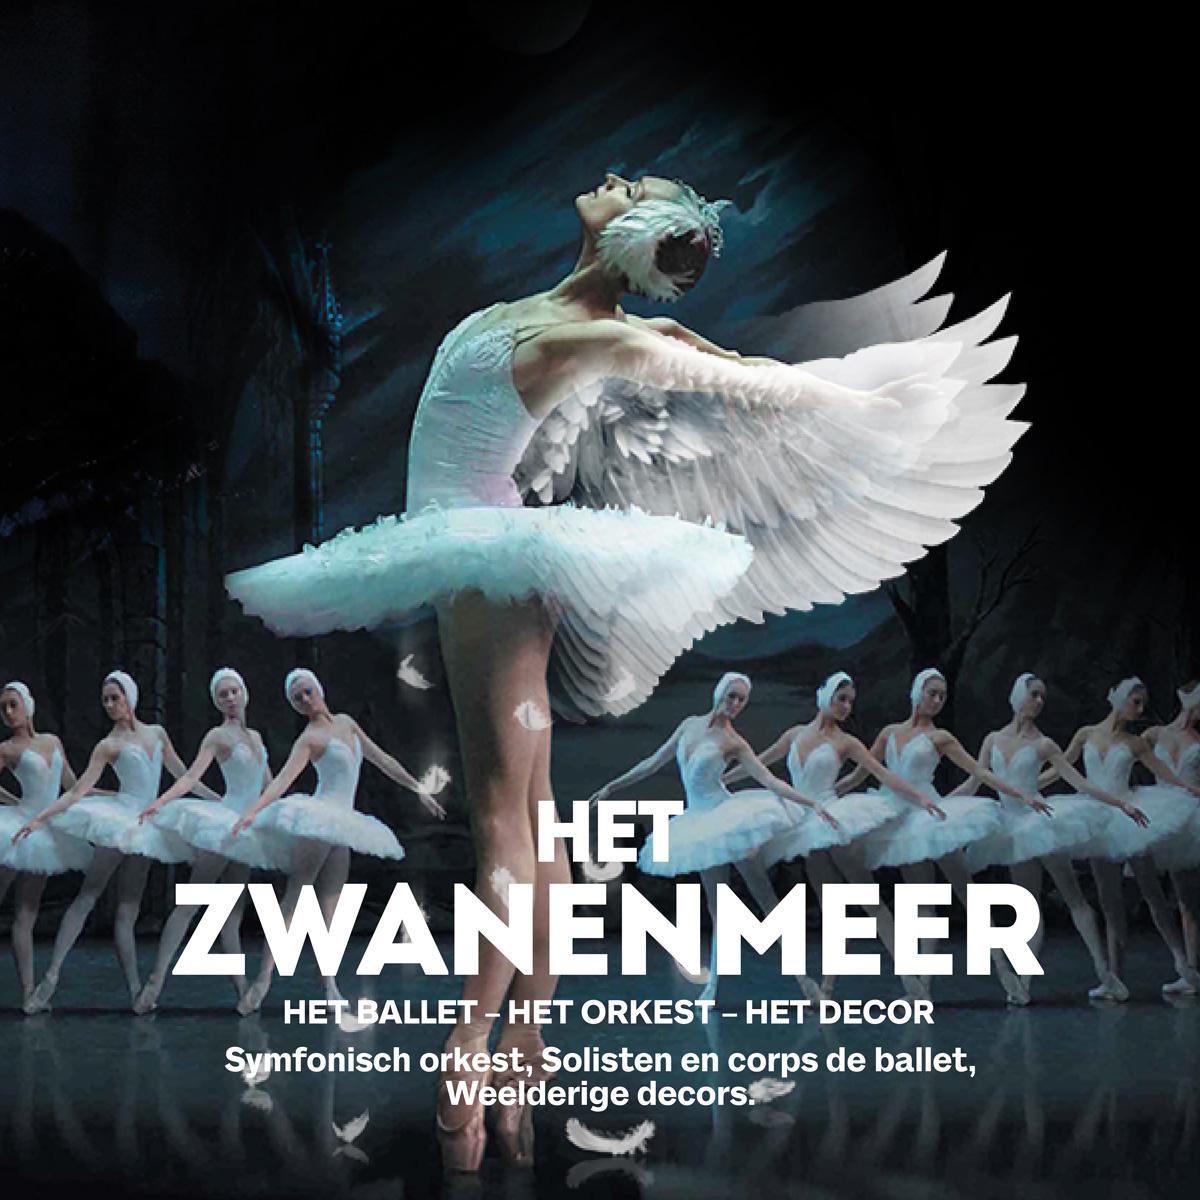 Het Zwanenmeer, het ballet, het symfonisch orkest, solisten en corps de ballet, weelderige decors